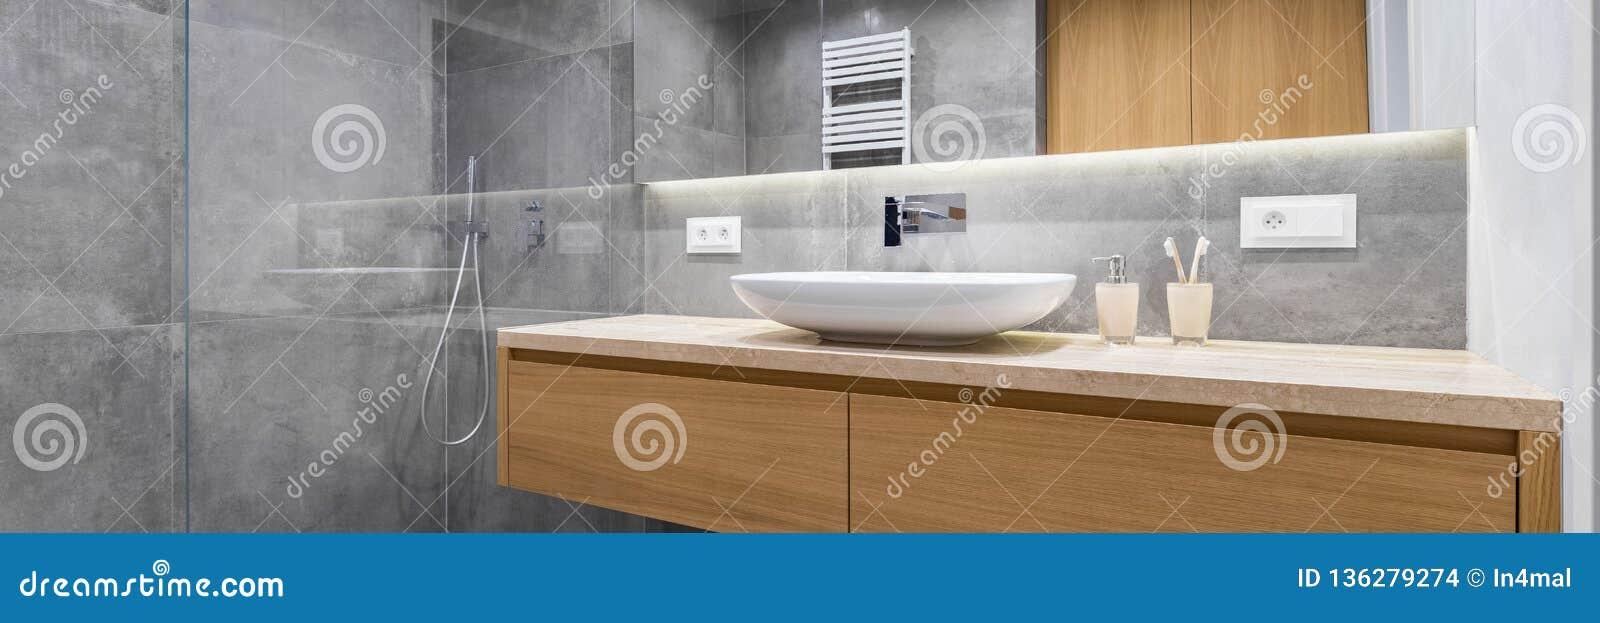 Salle de bains avec la douche et le miroir